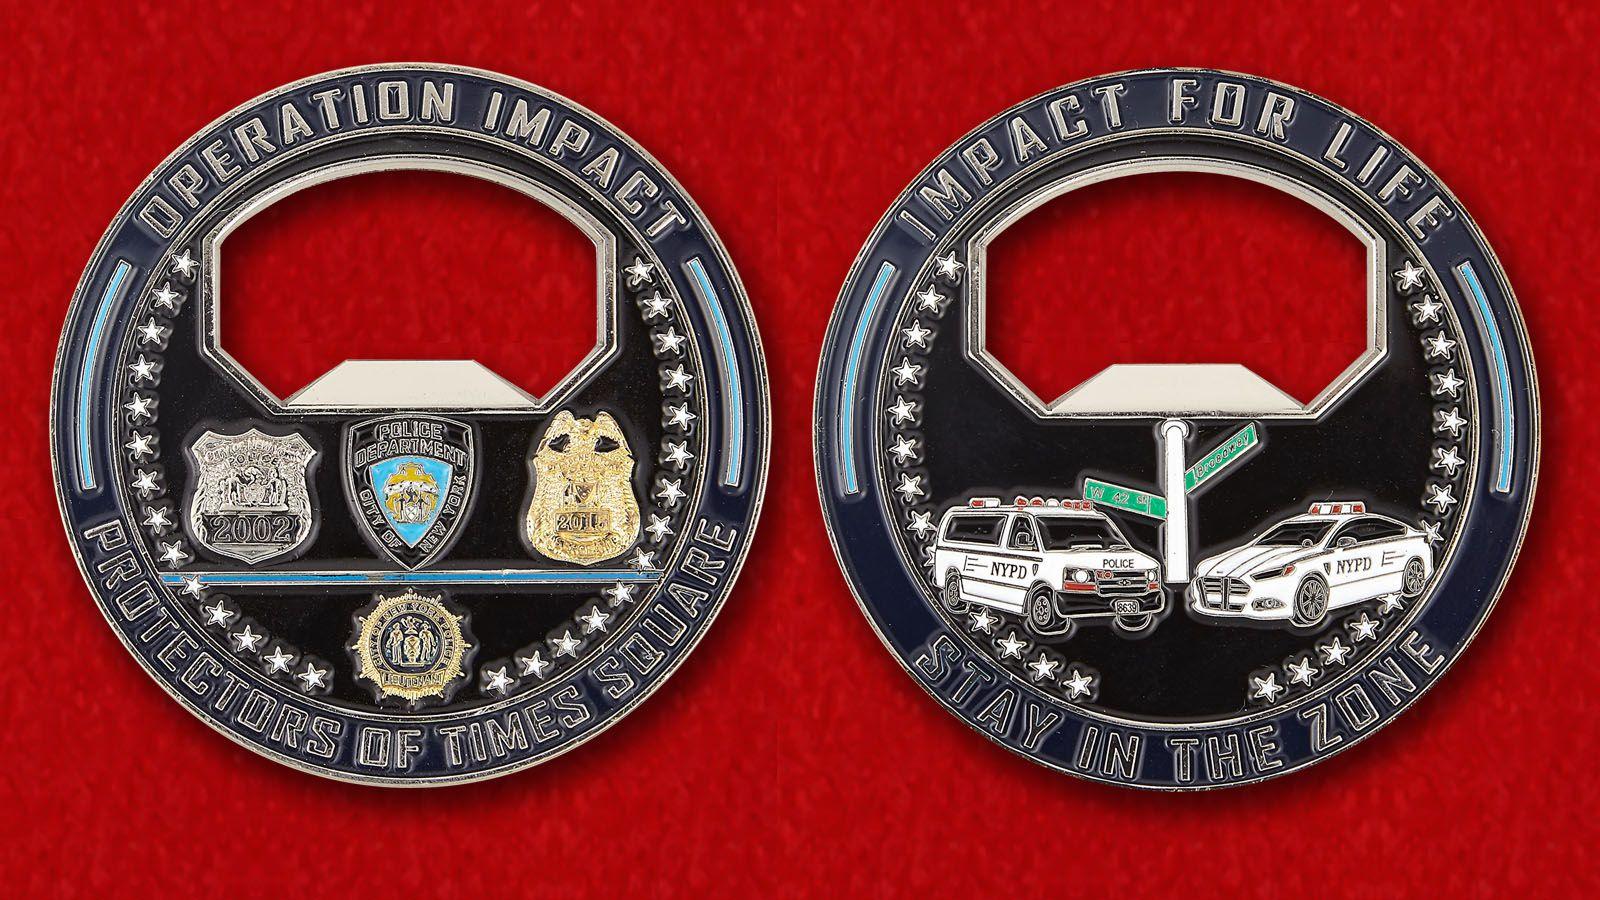 Челлендж коин-открывалка Департамента полиции Нью-Йорка - аверс и реверс